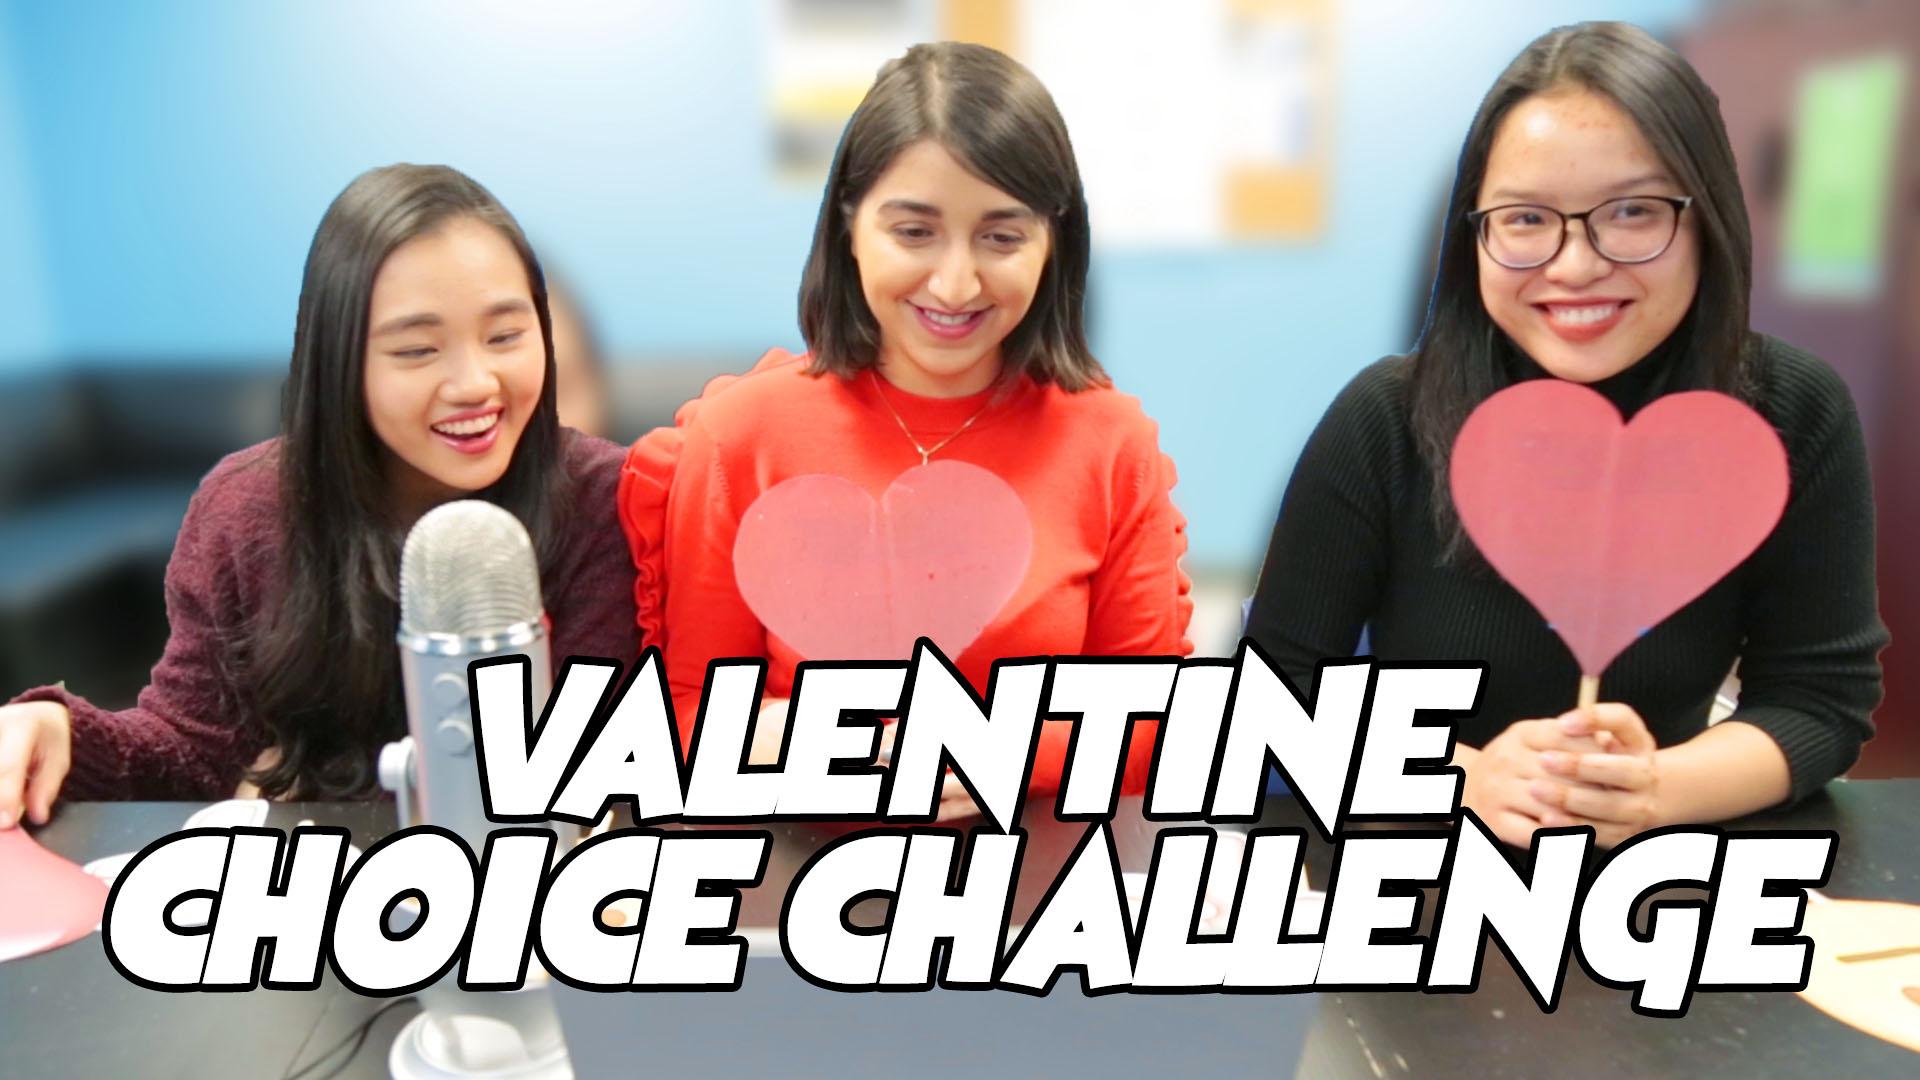 Valentine's Choice Challenge , Alexander College